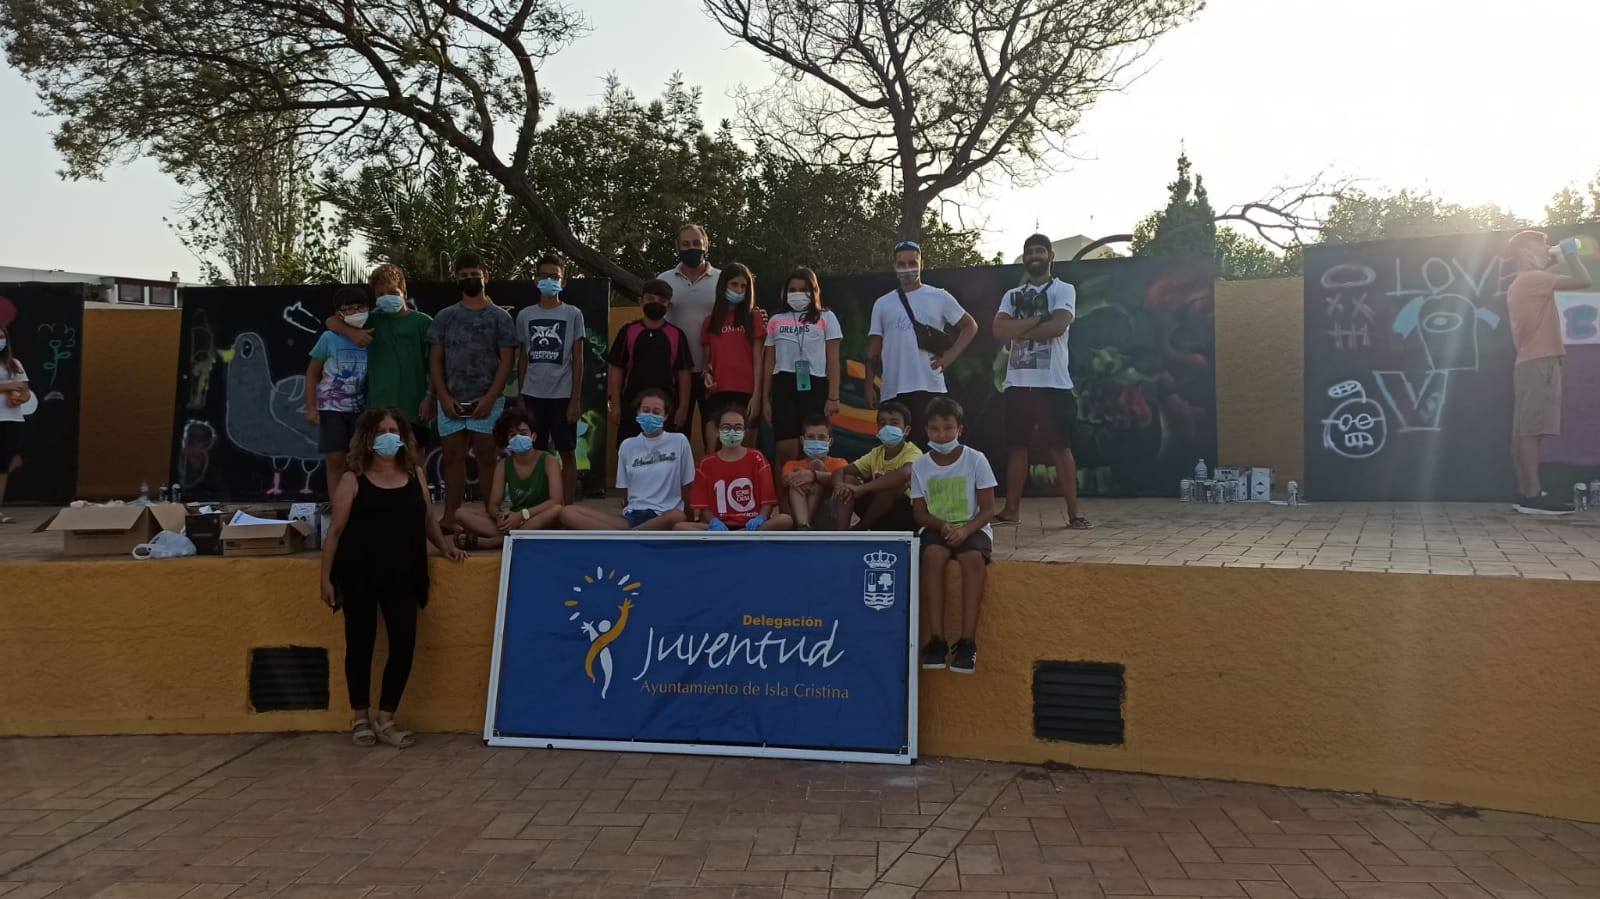 Finaliza el Taller de Graffitis organizado por la Delegación de Juventud del Ayuntamiento de Isla Cristina